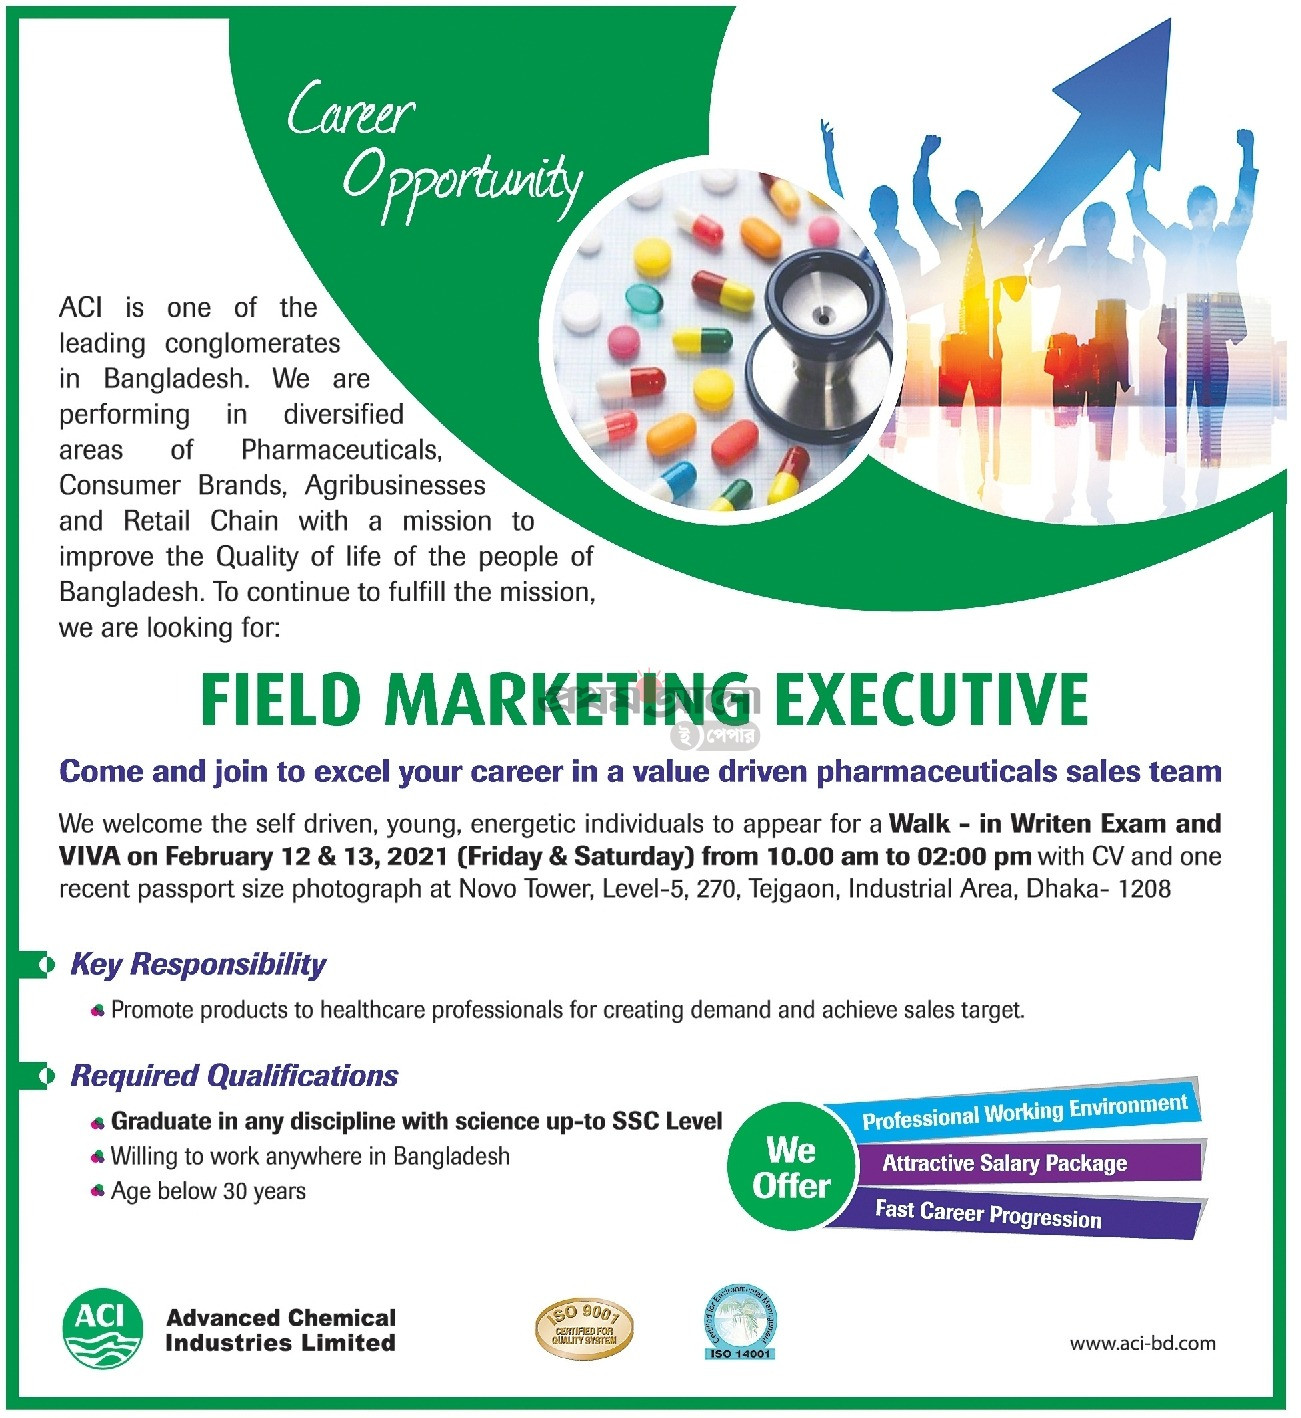 এসিআই গ্রুপে নিয়োগ বিজ্ঞপ্তি ২০২১ - ACI Group job circular 2021 - অভিজ্ঞতা ছাড়া চাকরির খবর